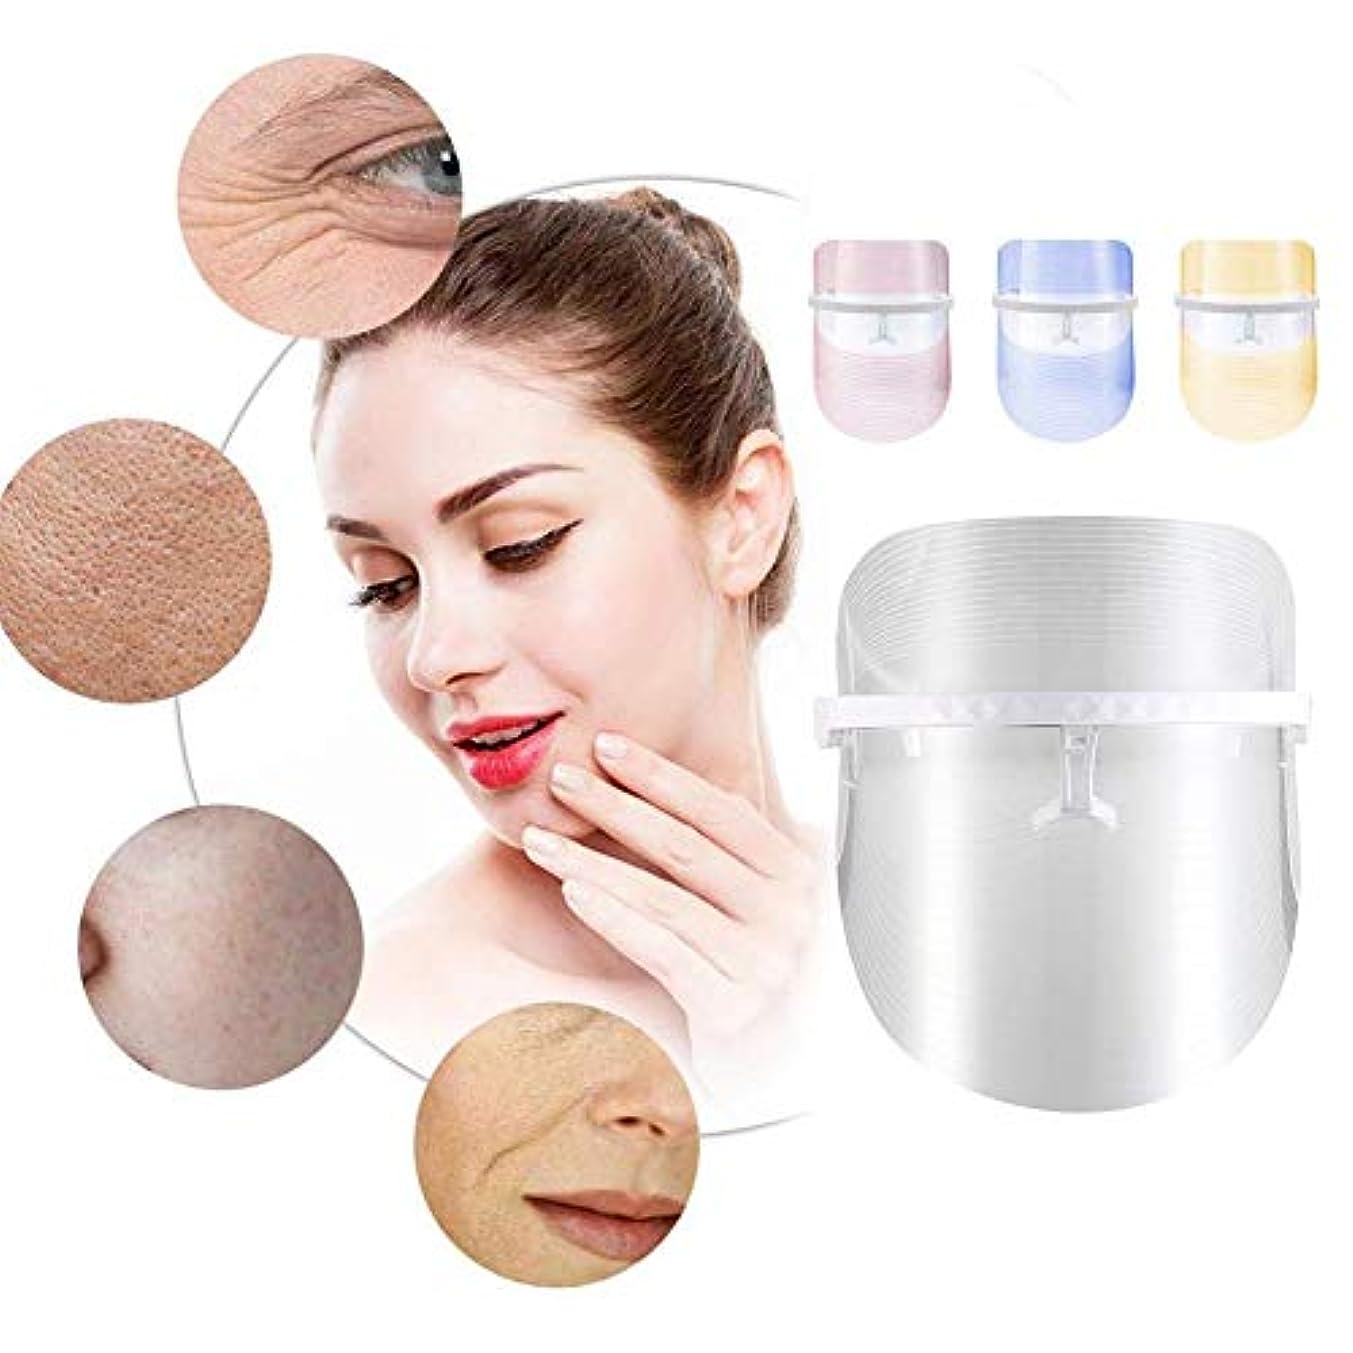 ギネスワックスずるい3色LEDフェイシャルマスク美容器具光線療法赤青とオレンジの光の収縮孔は顔ケアツールを若返らせる